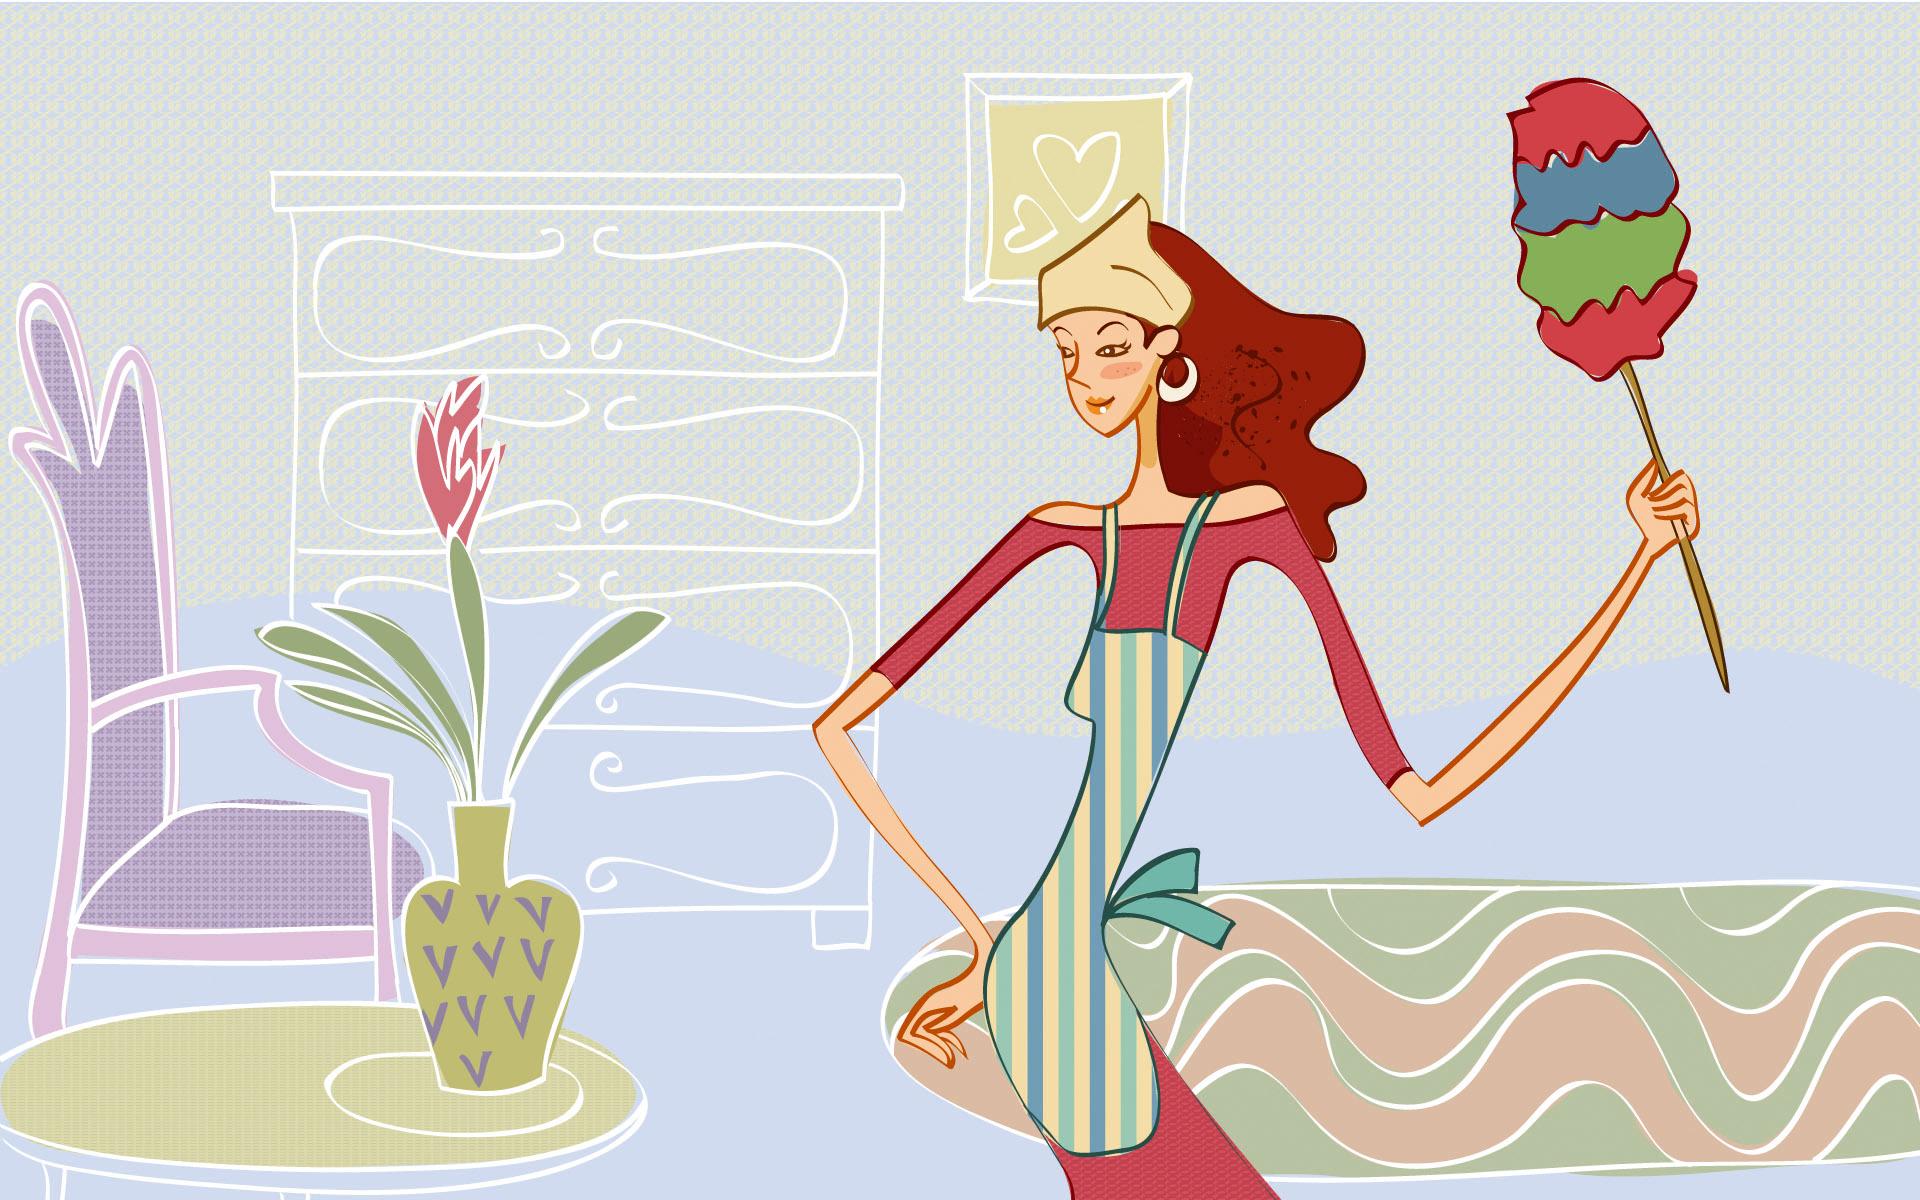 壁纸1920×1200矢量时尚女孩 12 11壁纸 矢量时尚女孩壁纸图片矢量壁纸矢量图片素材桌面壁纸